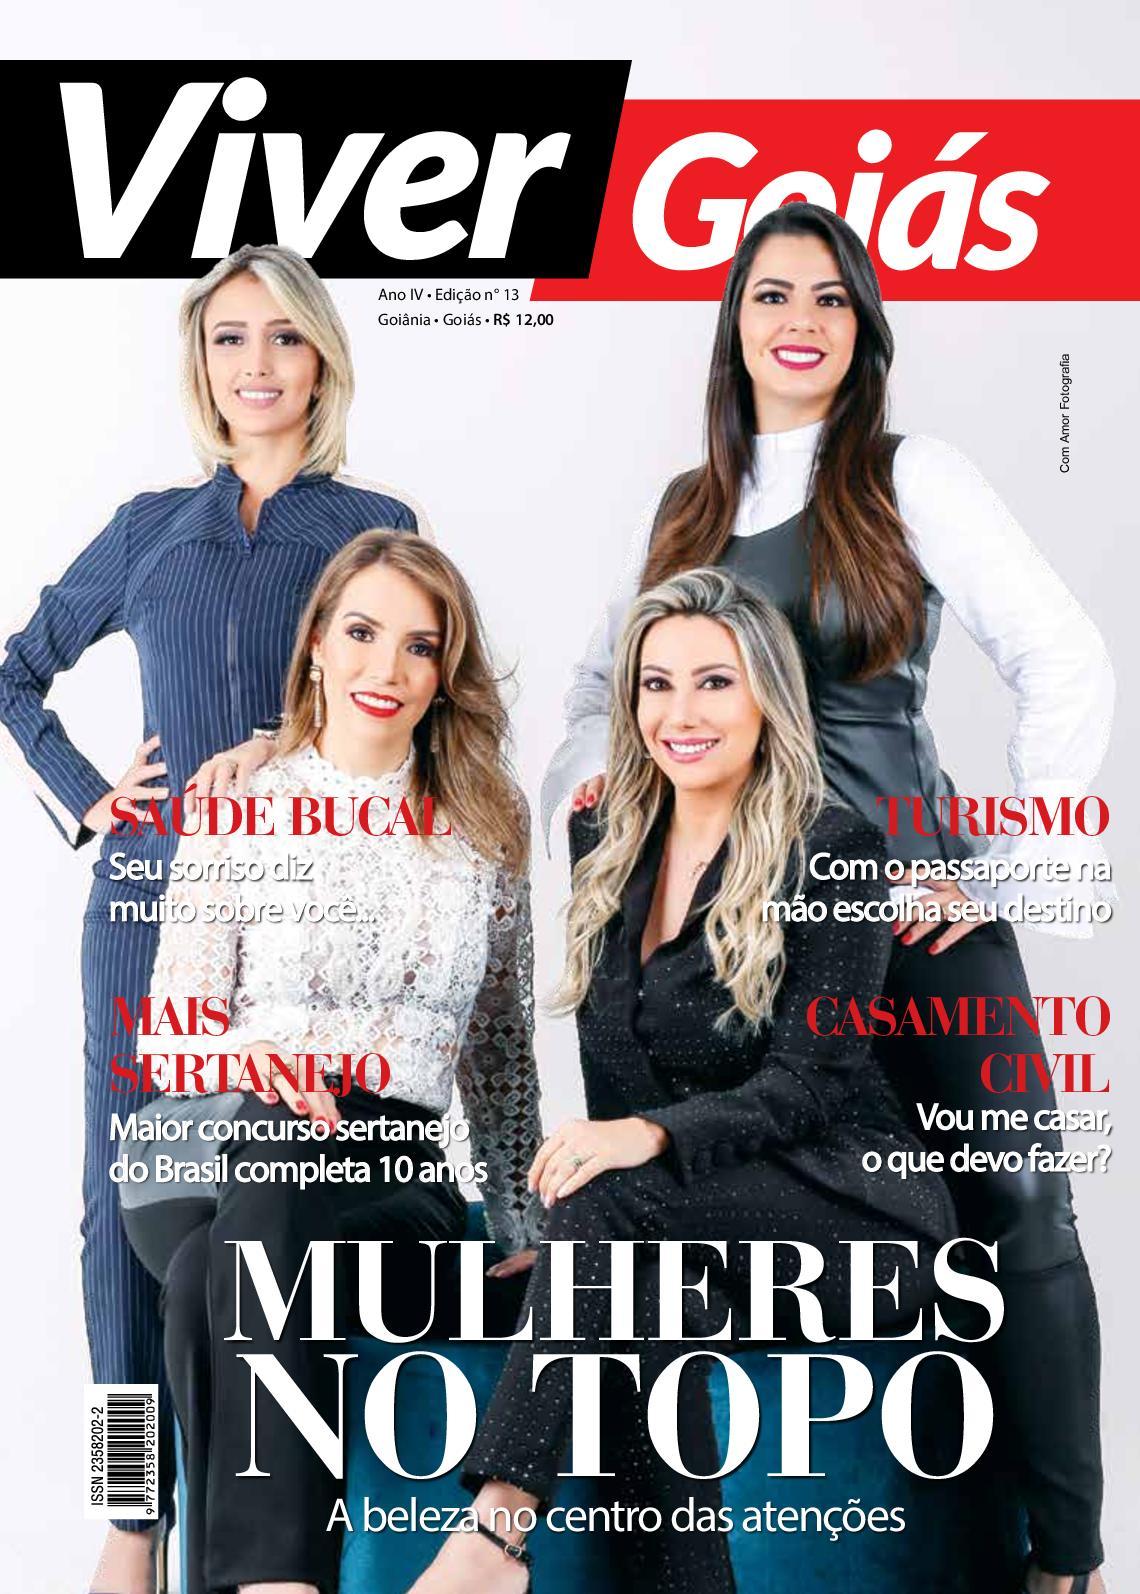 8493e833f Calaméo - Revista Viver Goias - Edição 13